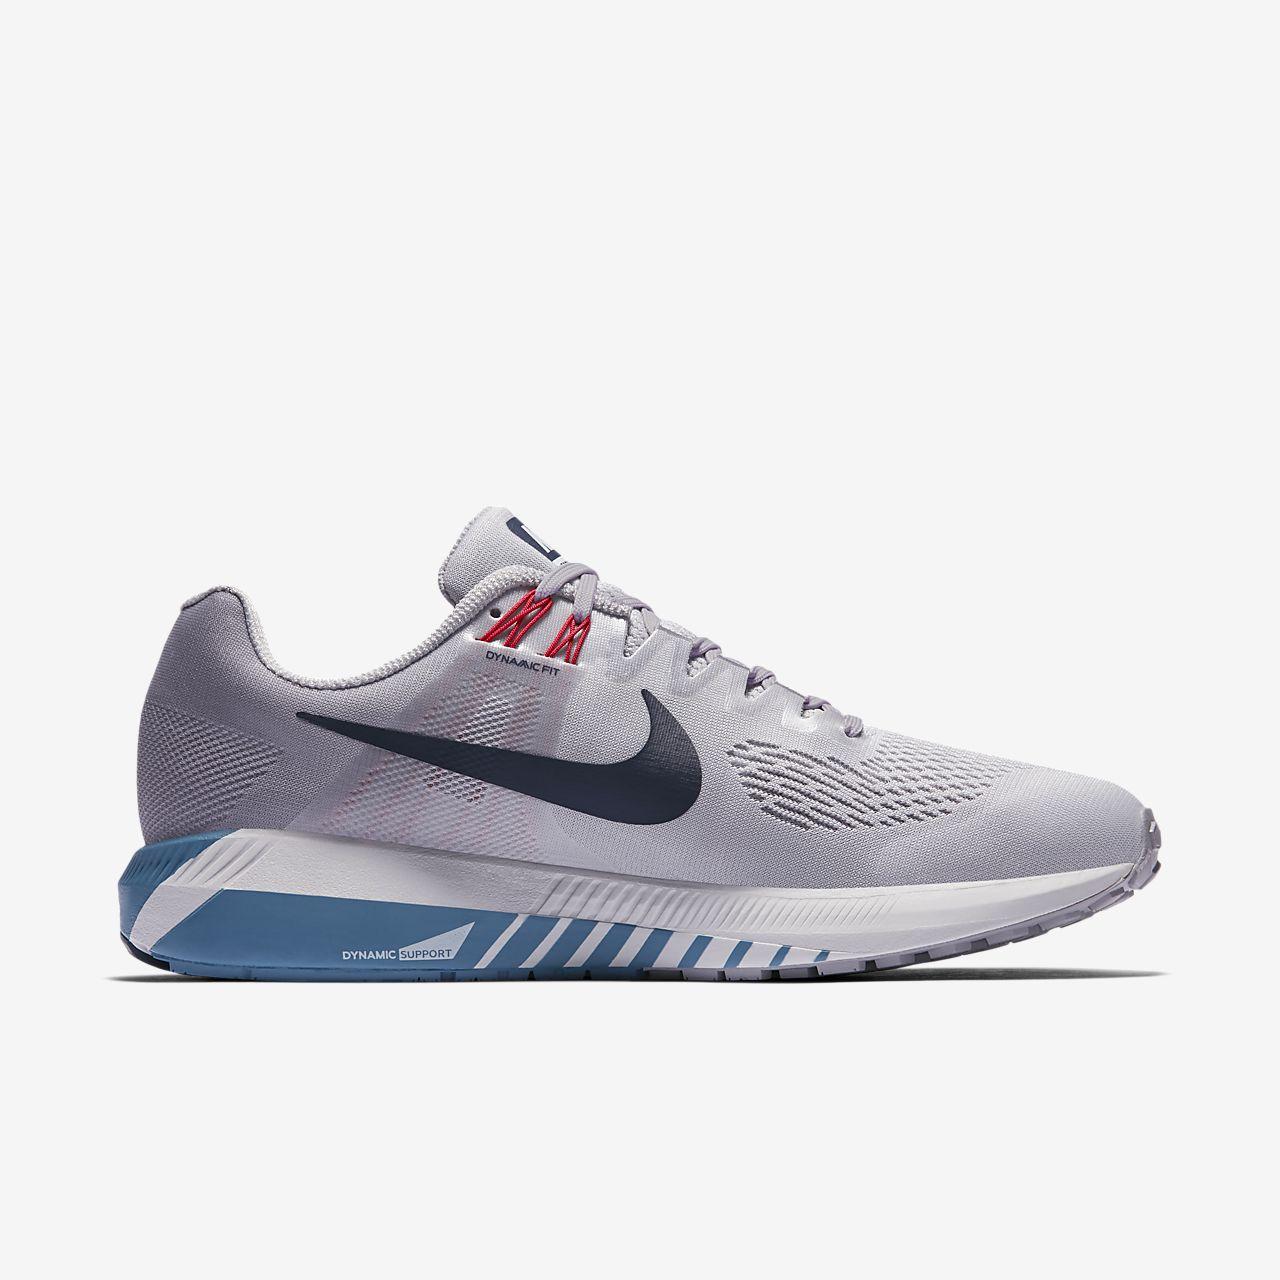 Nike Chaussures Structure Zoom Air 21 Pour Les Femmes - La Lumière Uowt98BVm